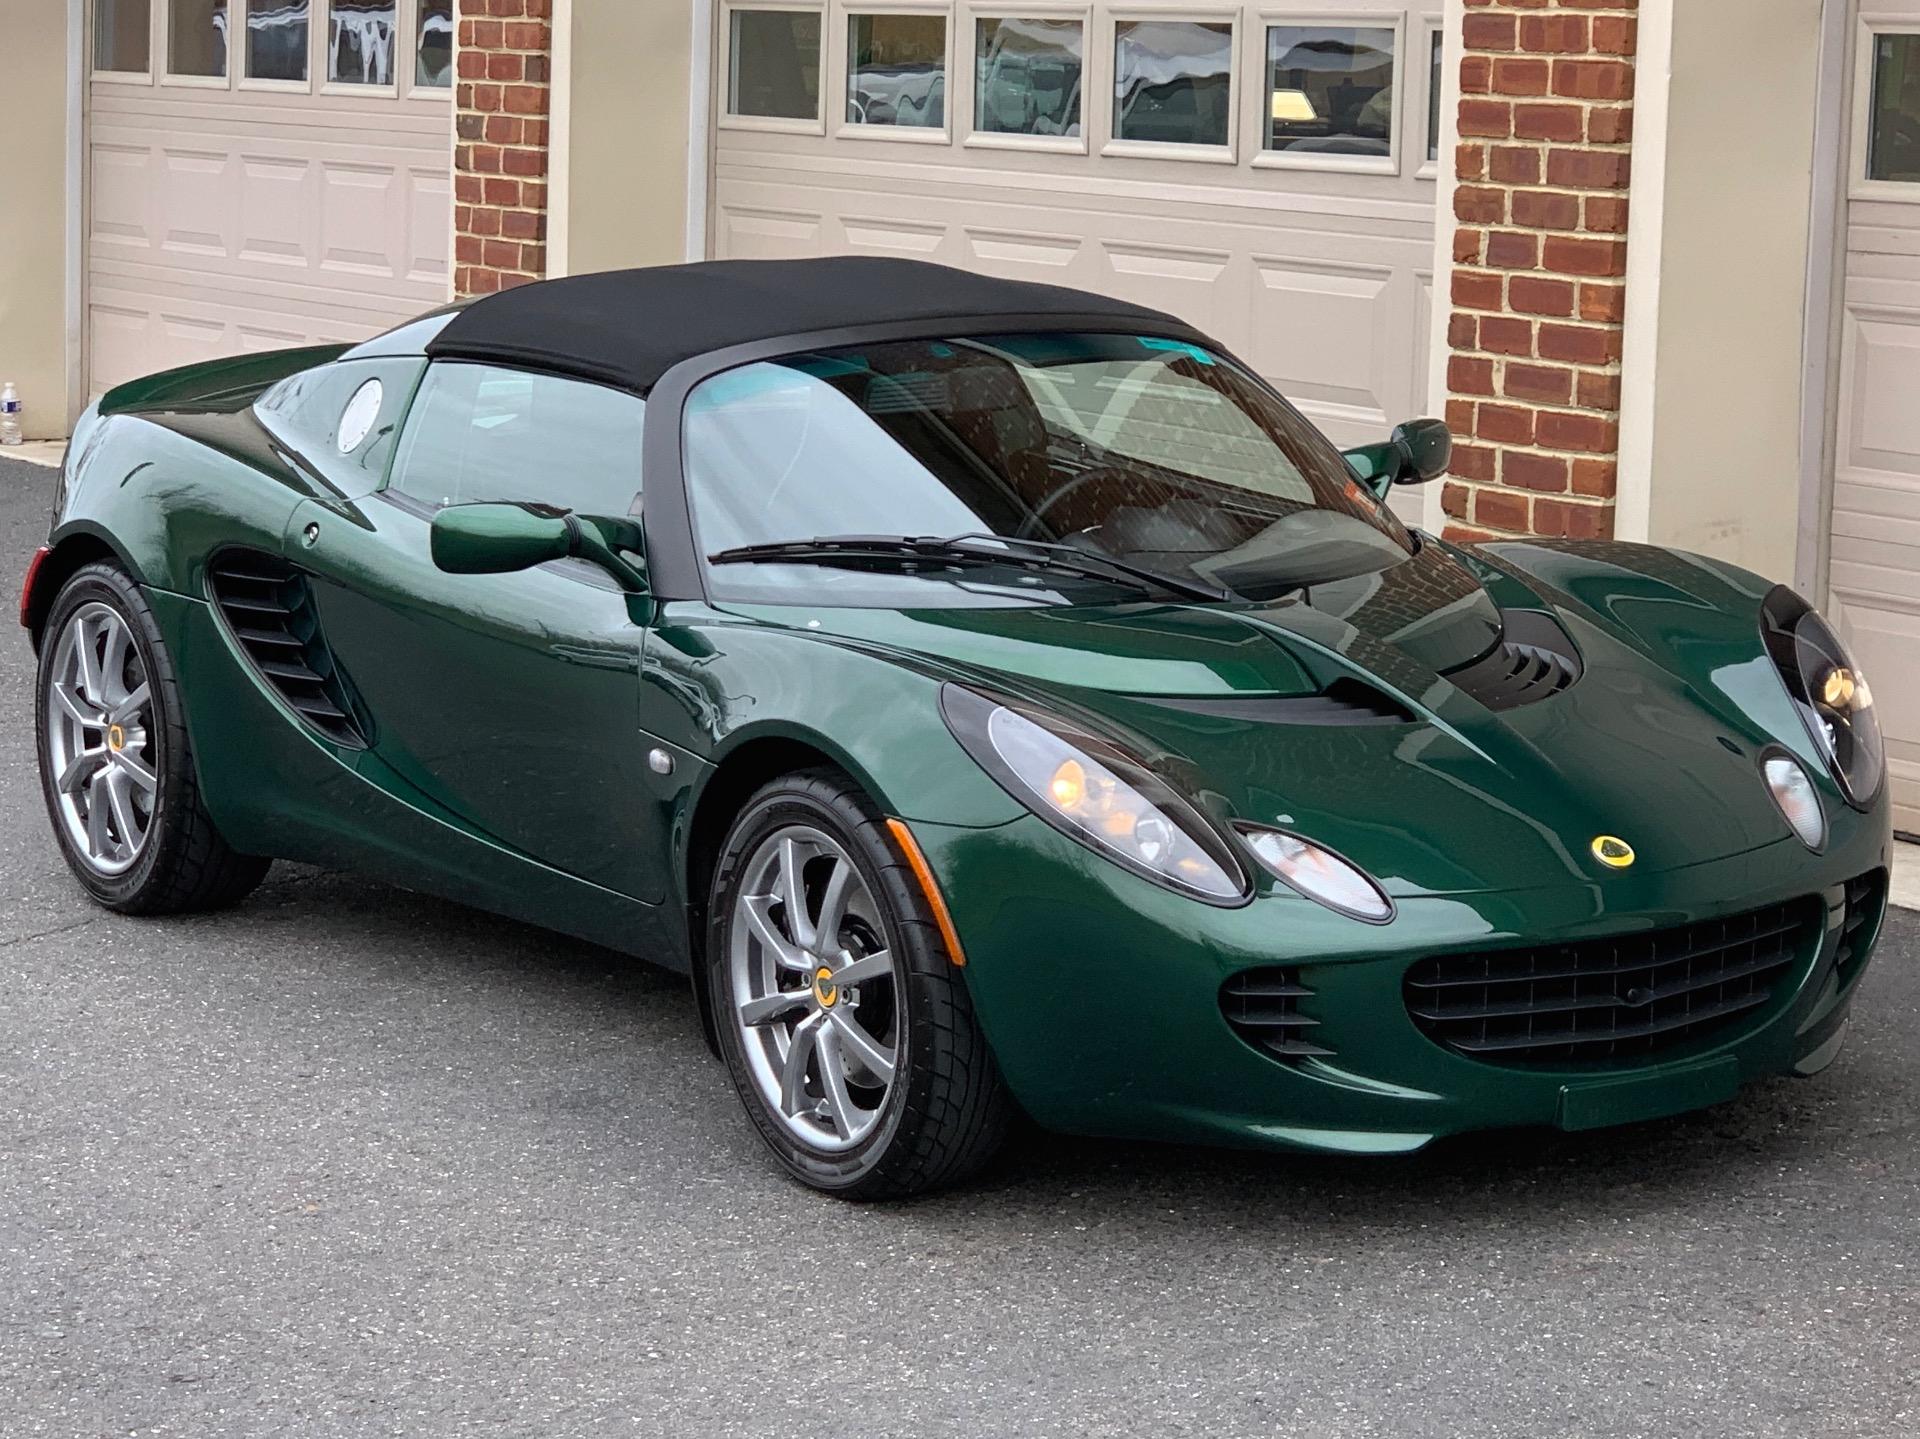 Used-2006-Lotus-Elise-Touring